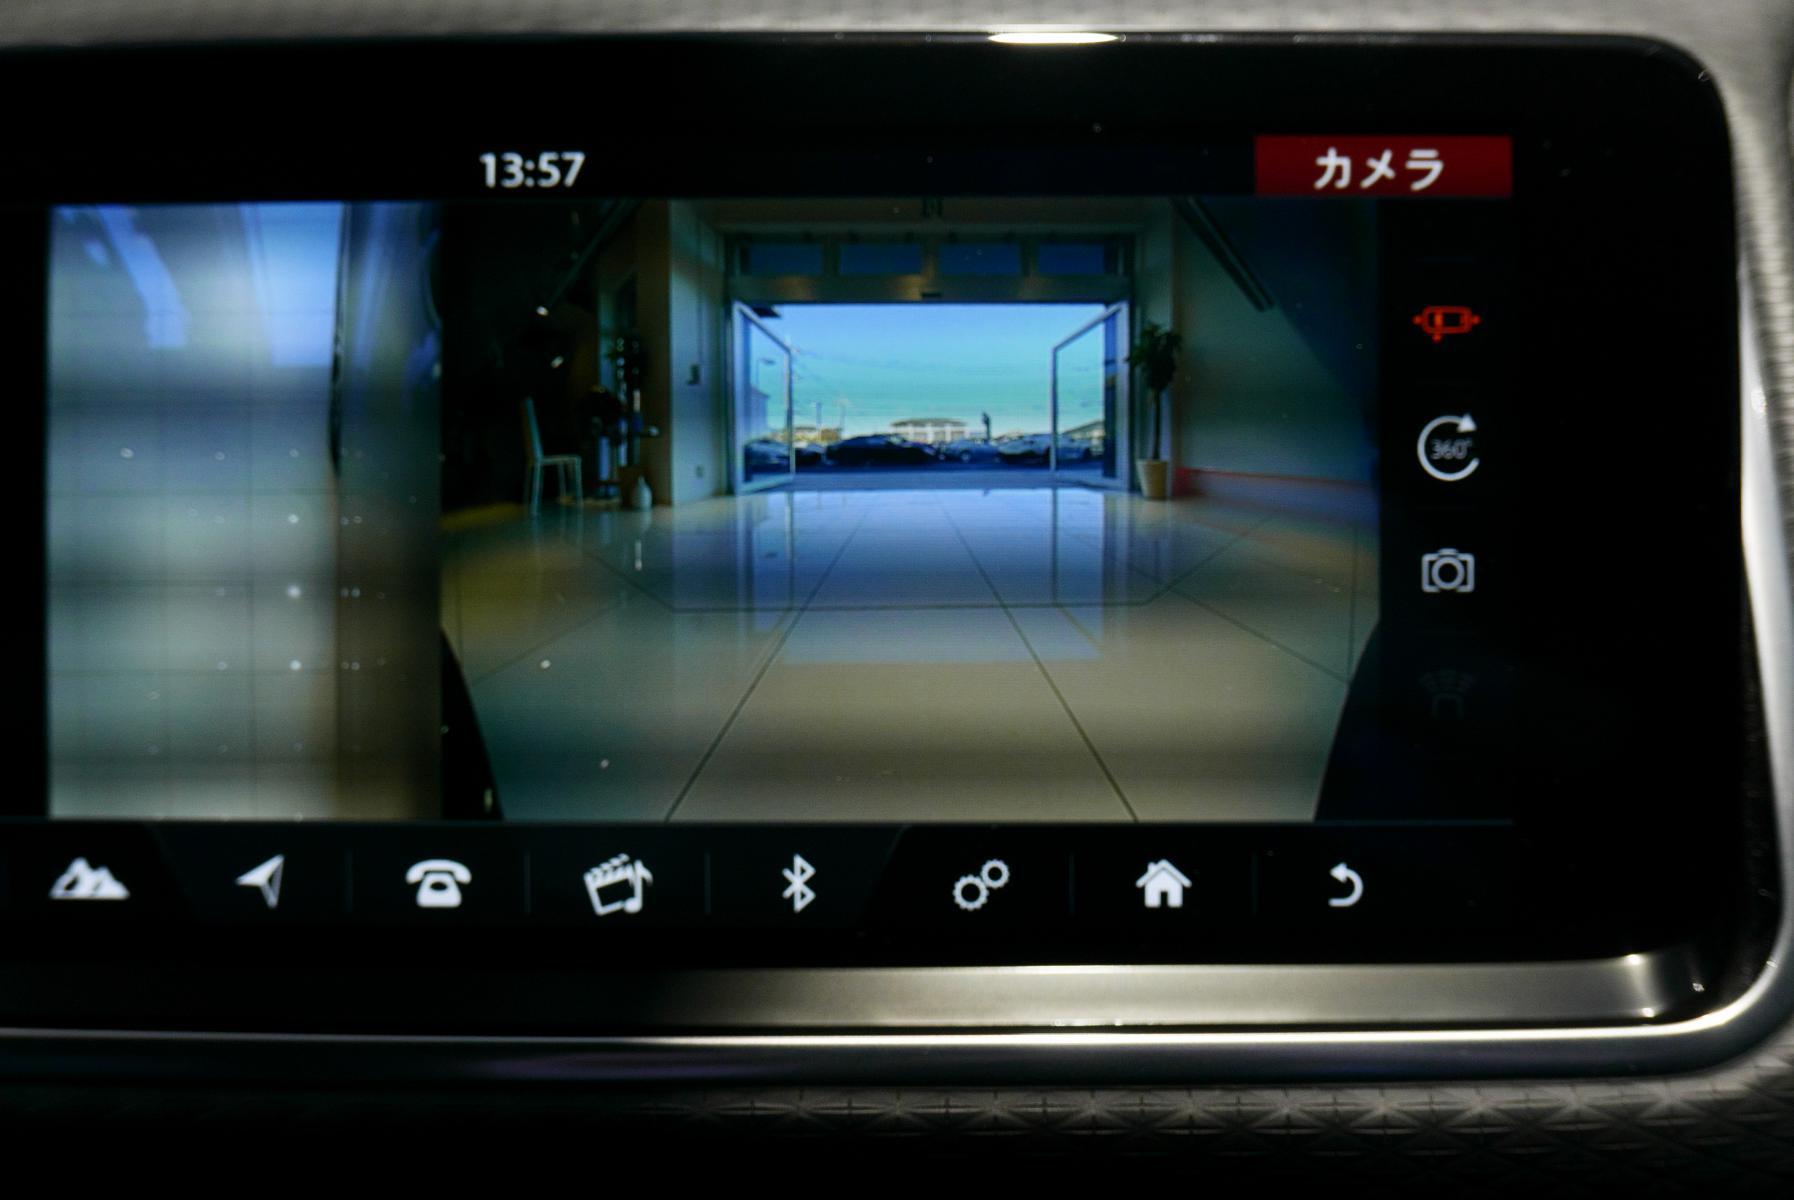 ヴェラール Rダイナミック S P300 シリコンシルバー リアビューカメラ